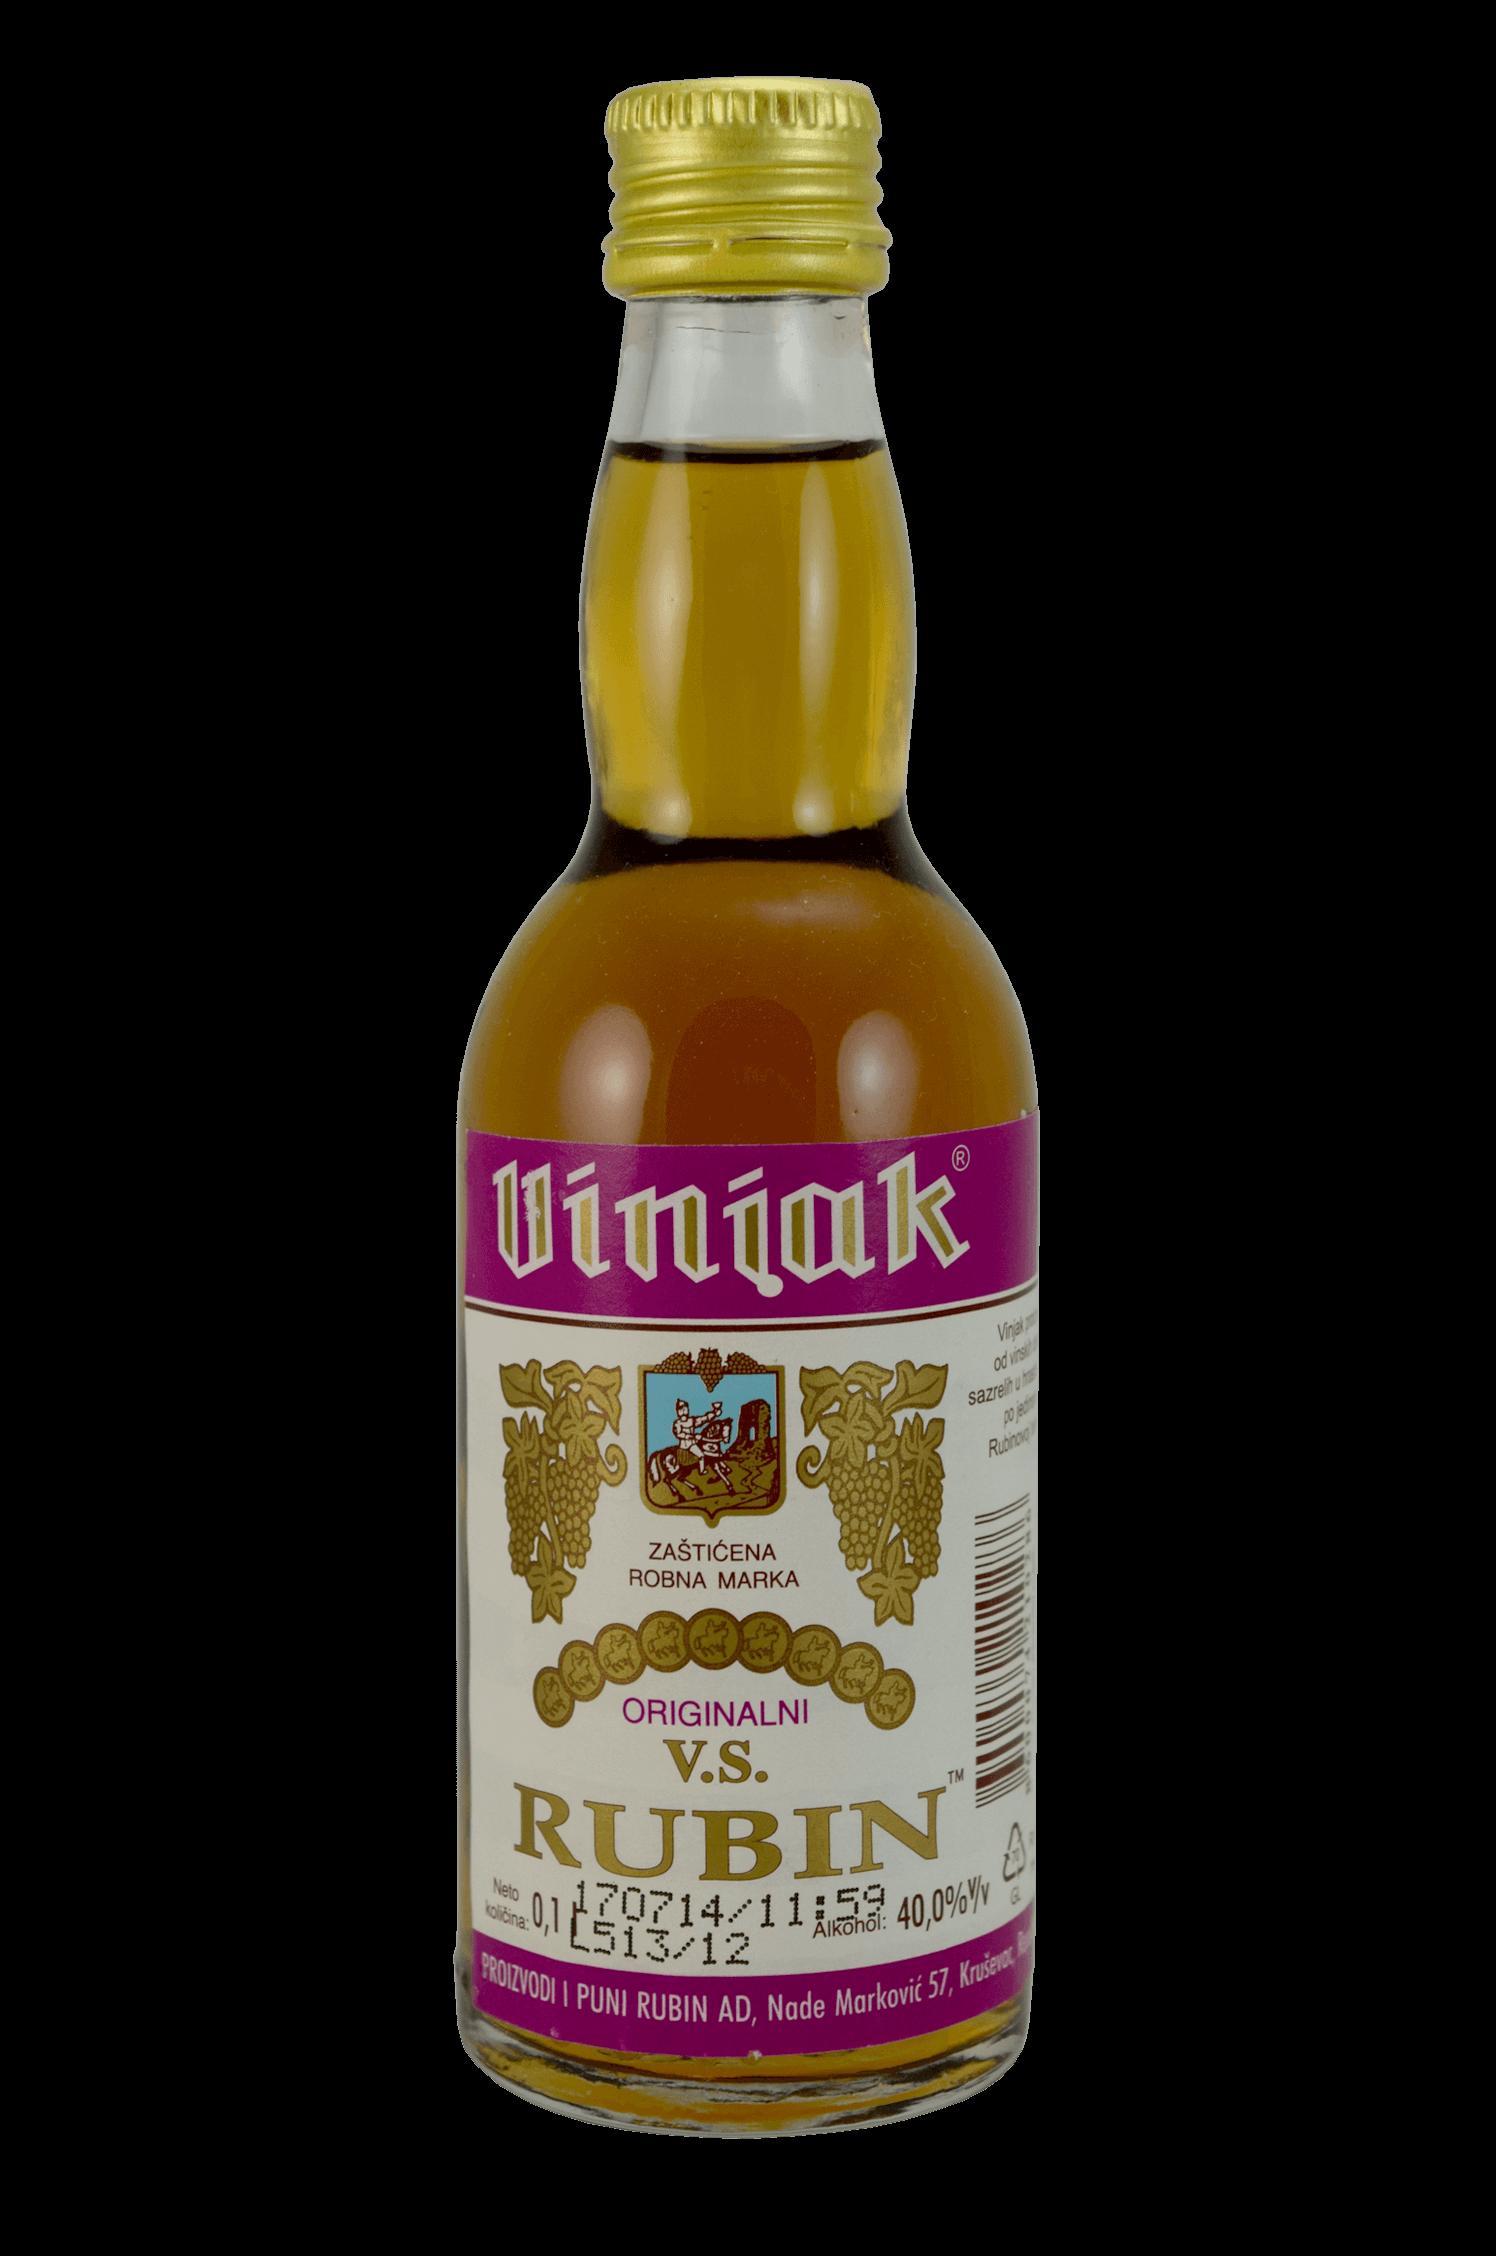 Viniak V.S. Rubin